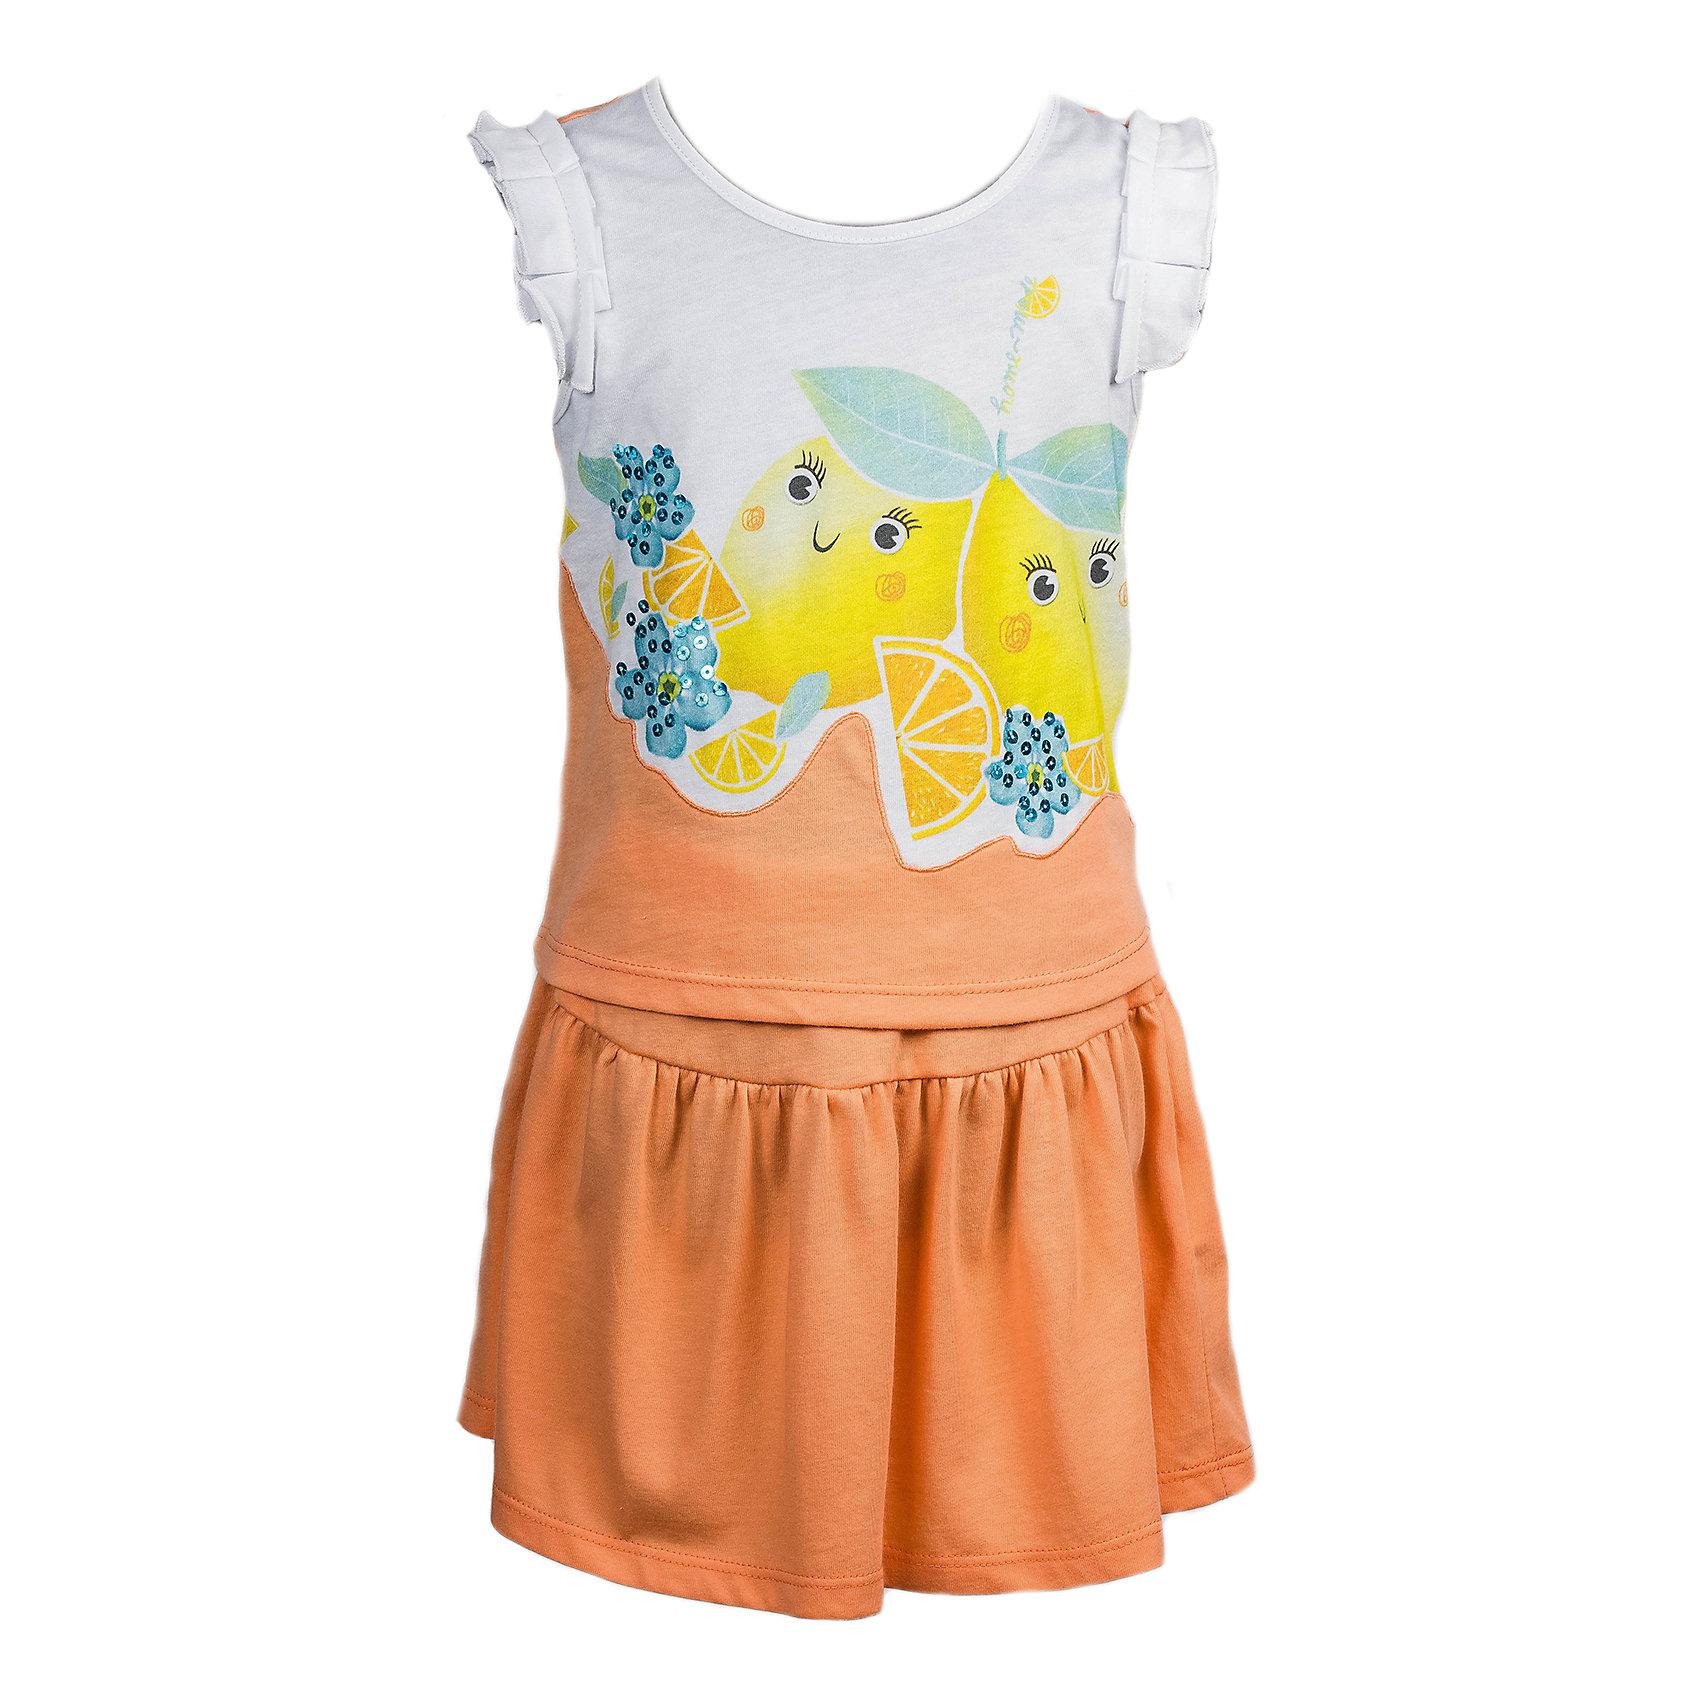 Комплект: Футболка и юбка для девочки Bell BimboДжемпер сочетает однотонную ткань и ткань с печатью и пайетками, рукава украшены рюшами. Юбка однотонная, на резинке, расклешенная. Состав:  кулирная гладь 100%хлопок<br><br>Ширина мм: 199<br>Глубина мм: 10<br>Высота мм: 161<br>Вес г: 151<br>Цвет: бежевый<br>Возраст от месяцев: 24<br>Возраст до месяцев: 36<br>Пол: Женский<br>Возраст: Детский<br>Размер: 98,122,116,110,104<br>SKU: 4645409